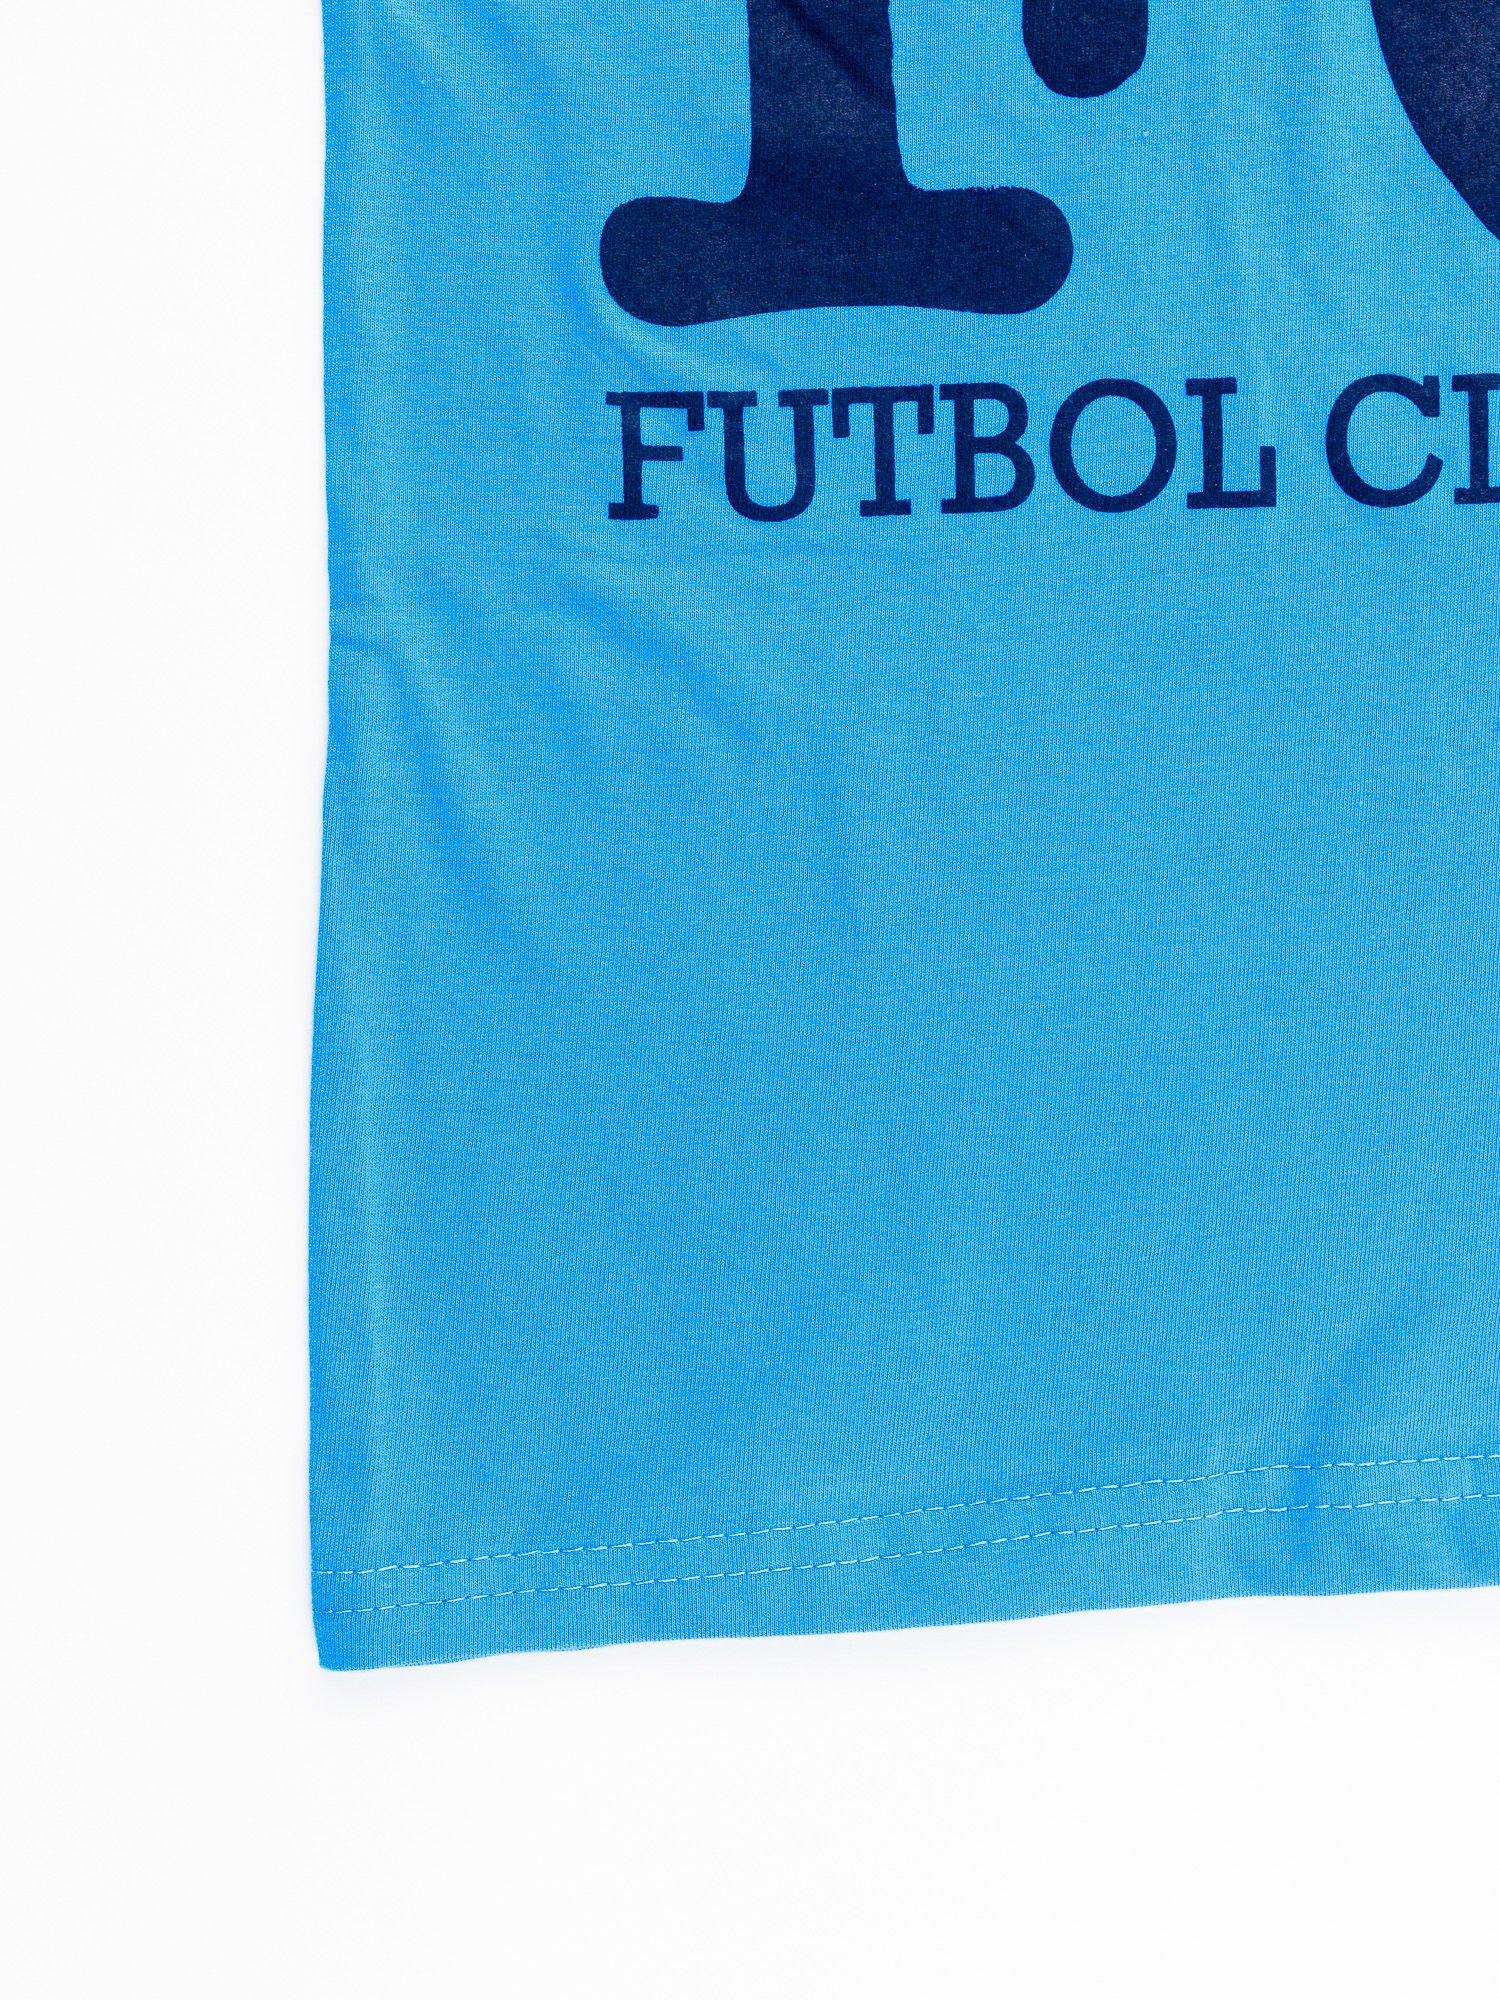 Niebieski t-shirt męski FC BARCELONA                                  zdj.                                  12